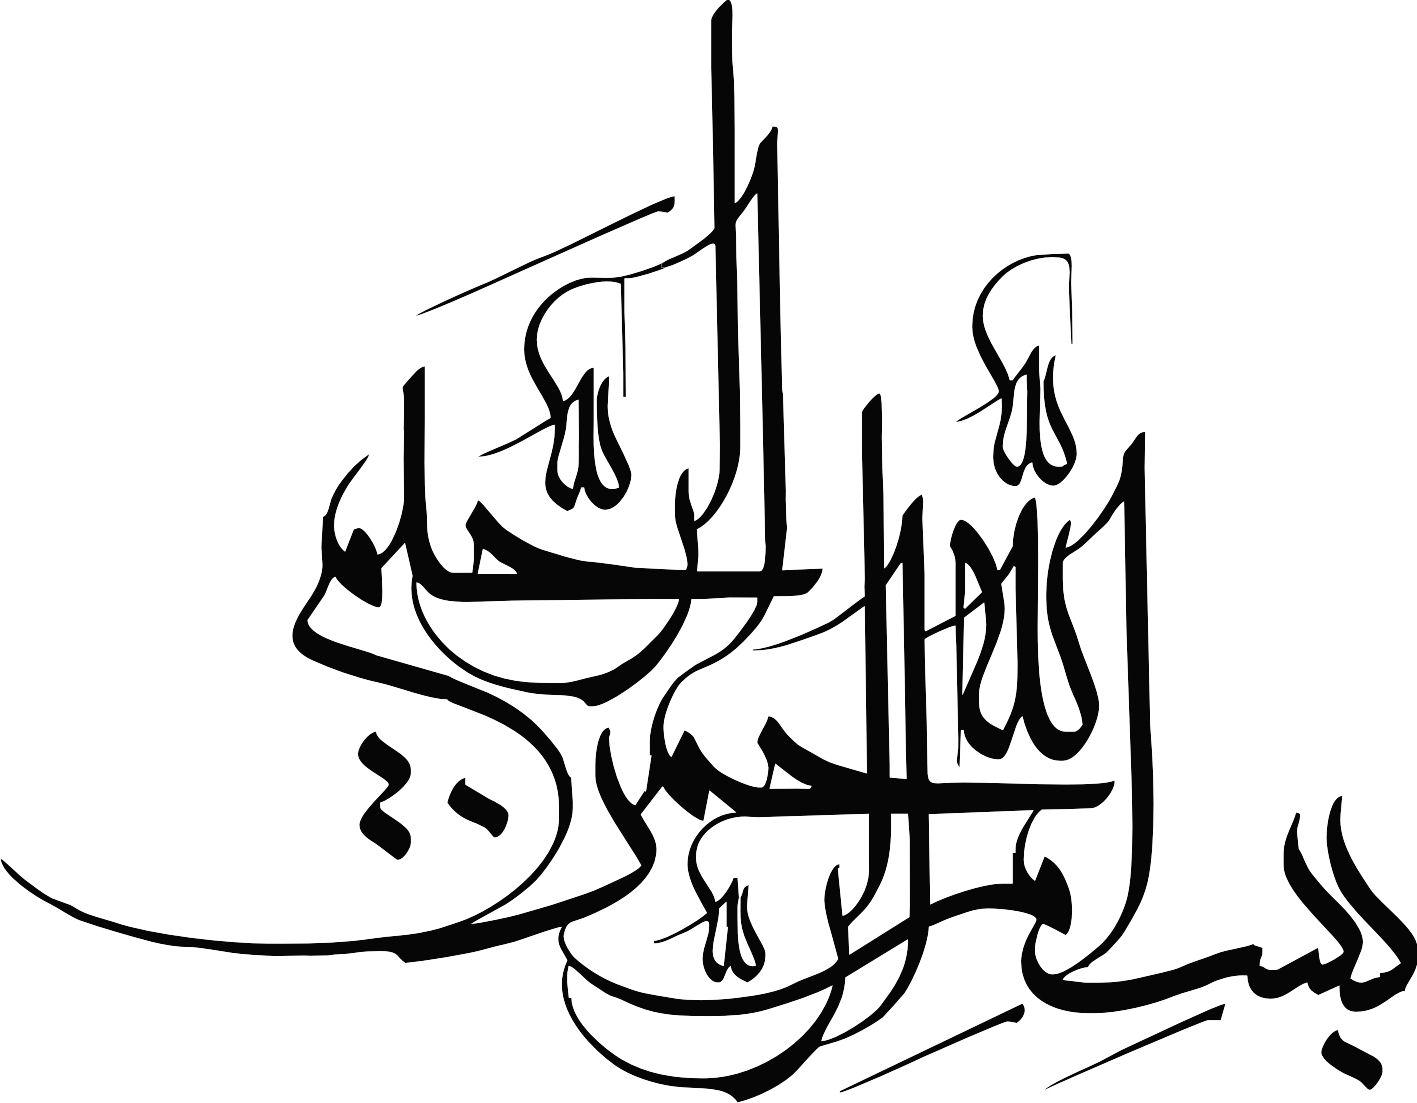 18 - طرح های  بسم الله الرحمن الرحیم برای مقاله و پایان نامه